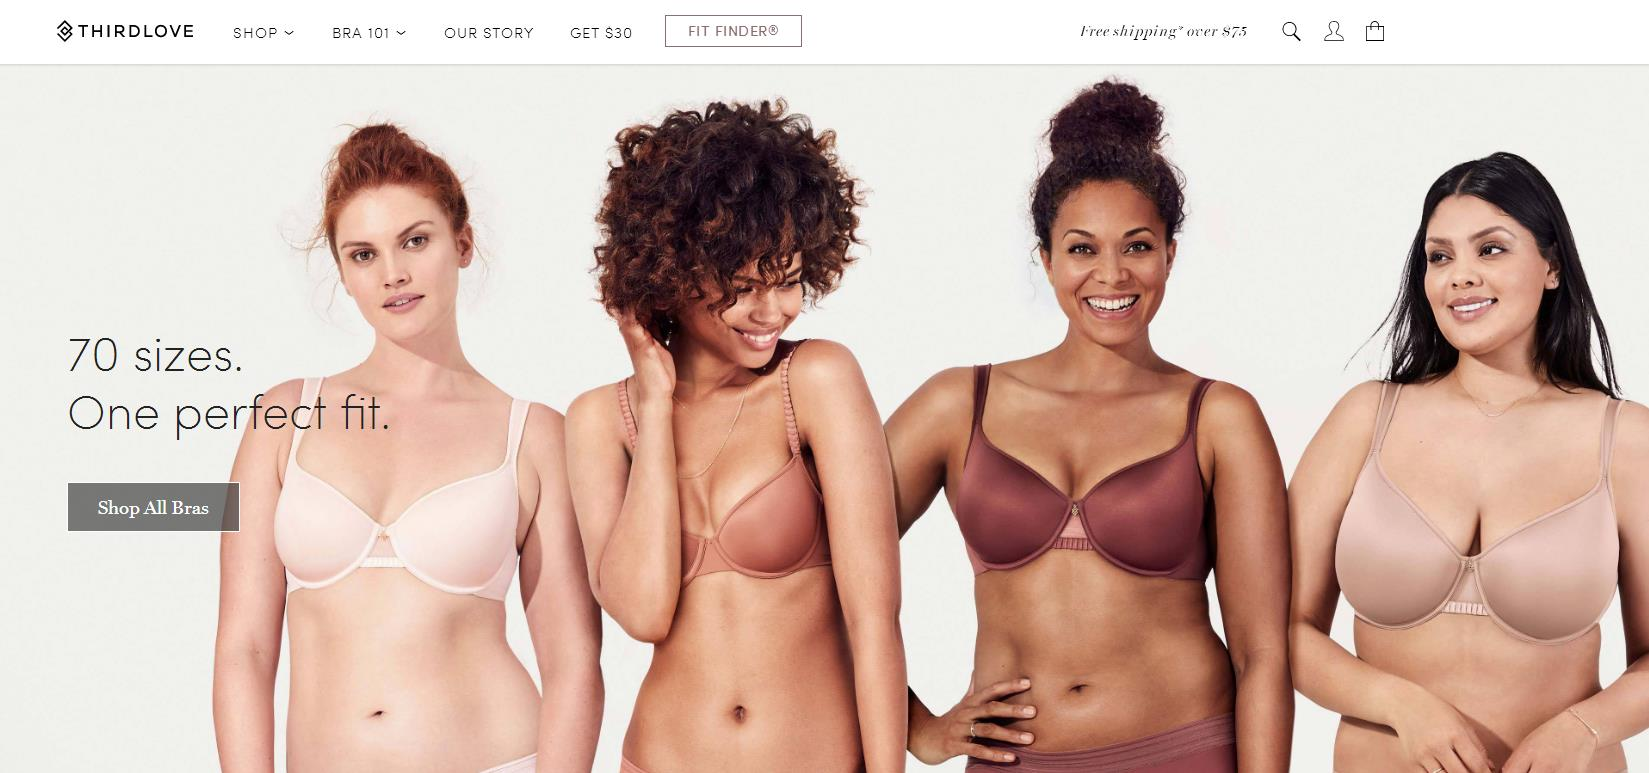 美国互联网内衣品牌 ThirdLove 将提供70个尺码的文胸,服务不同身材和肤色的女性用户